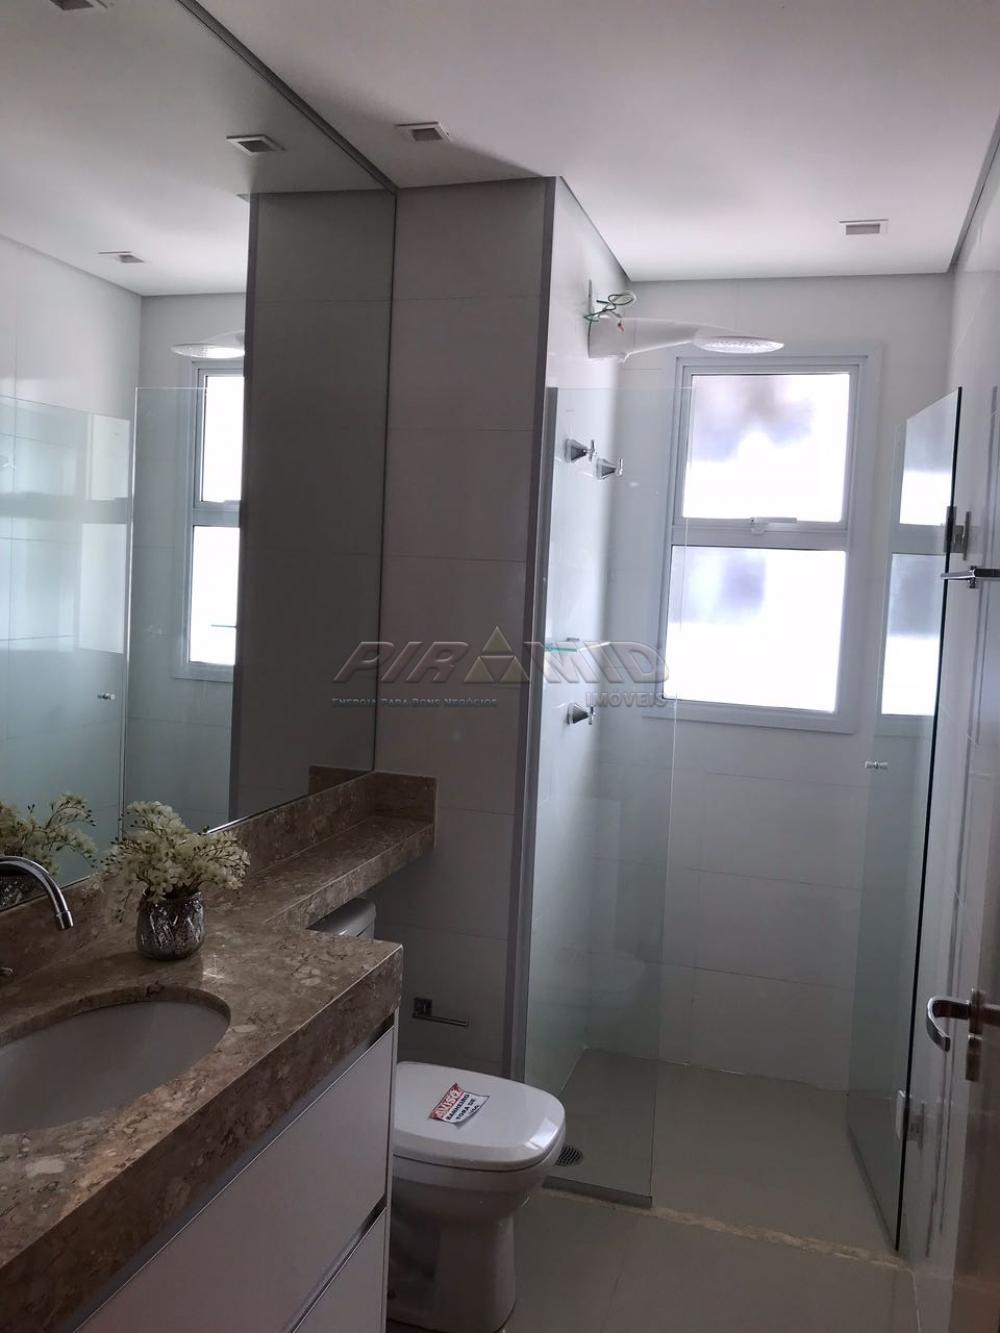 Comprar Apartamento / Padrão em Ribeirão Preto apenas R$ 624.100,00 - Foto 12